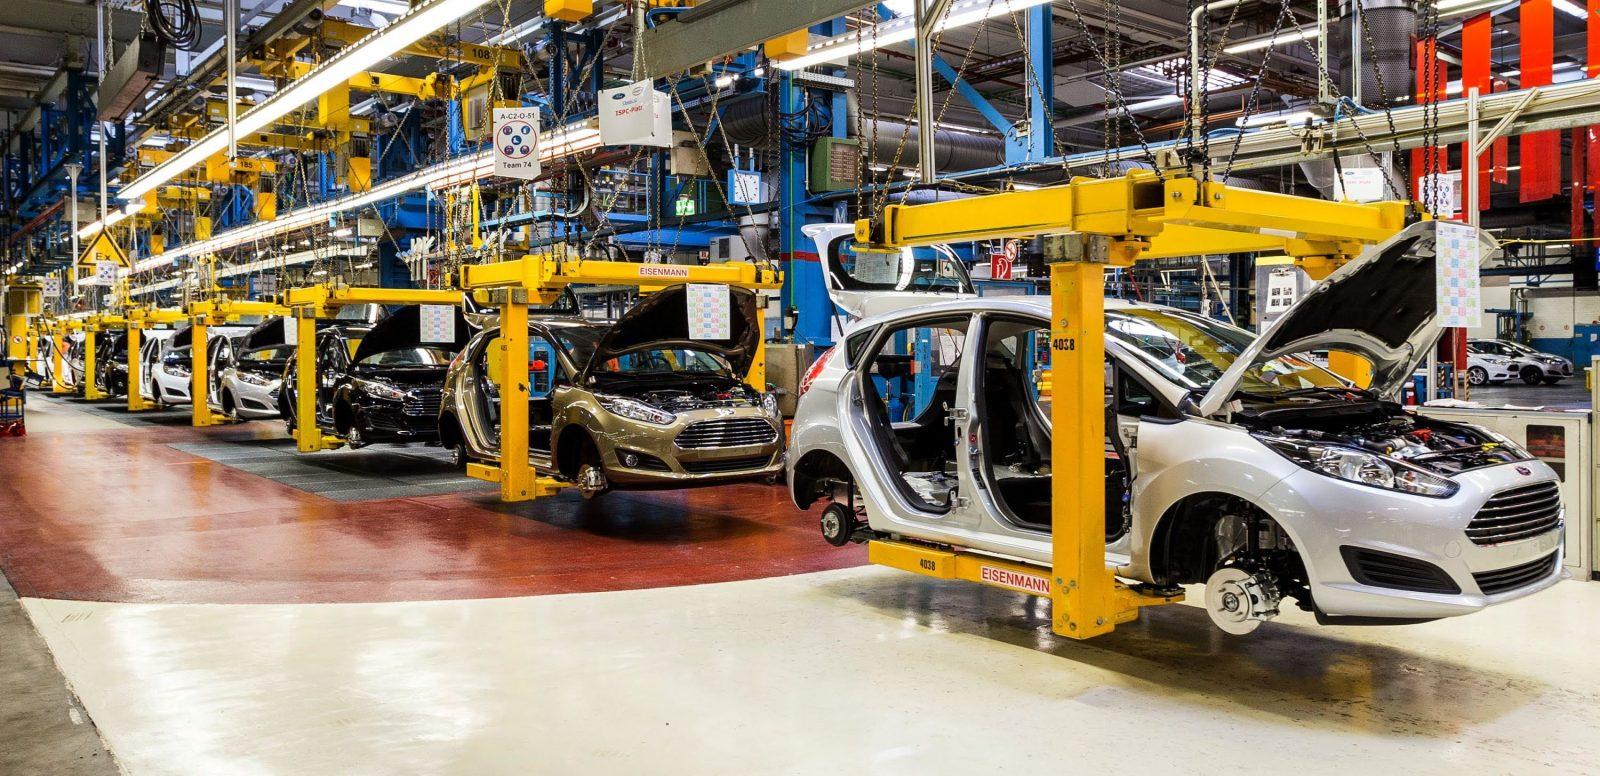 Ford elektrikli otomobilini üretmek için Almanya'yı seçti